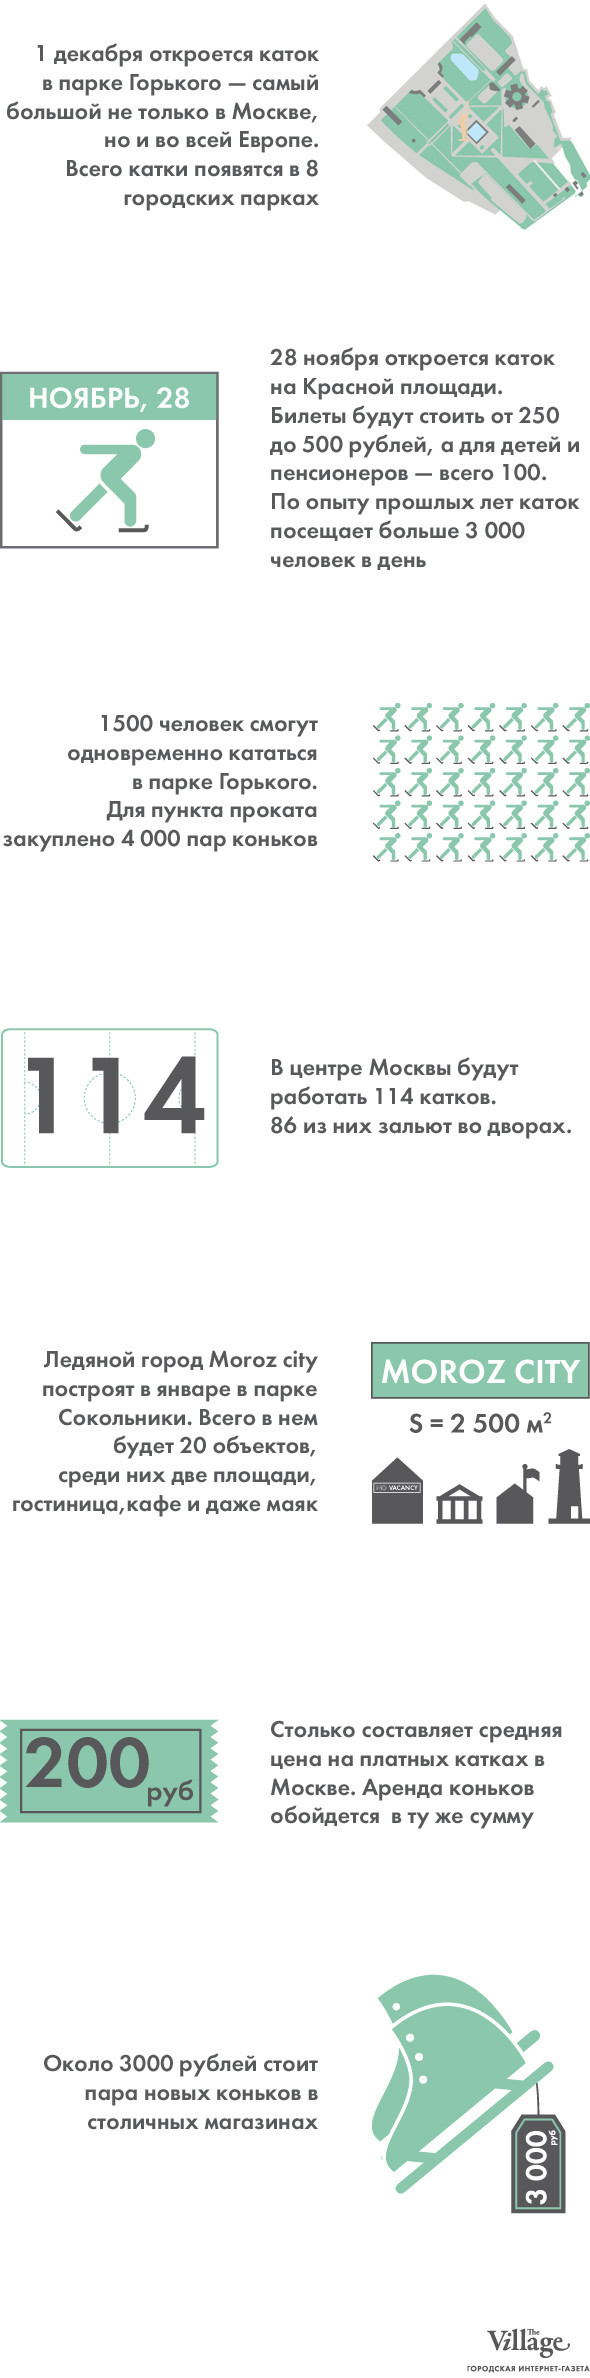 Итоги недели: Зимние катки в Москве. Изображение № 1.